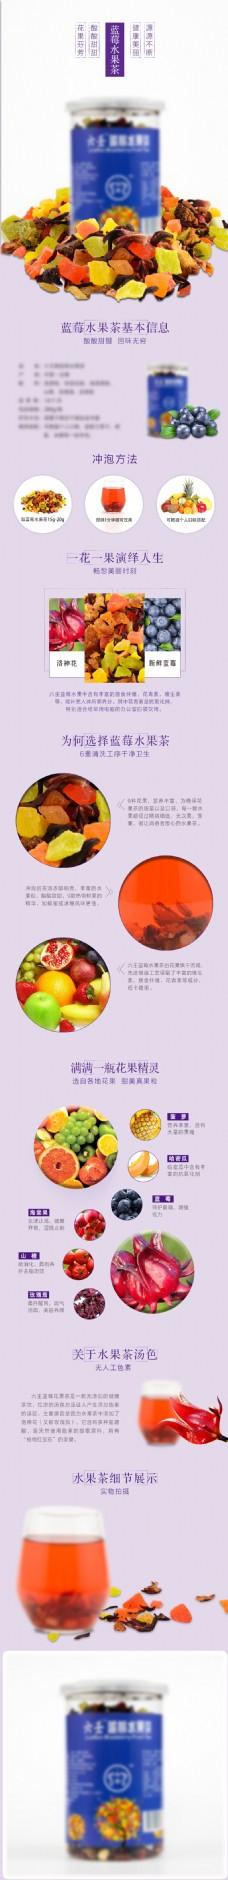 蓝莓花果茶